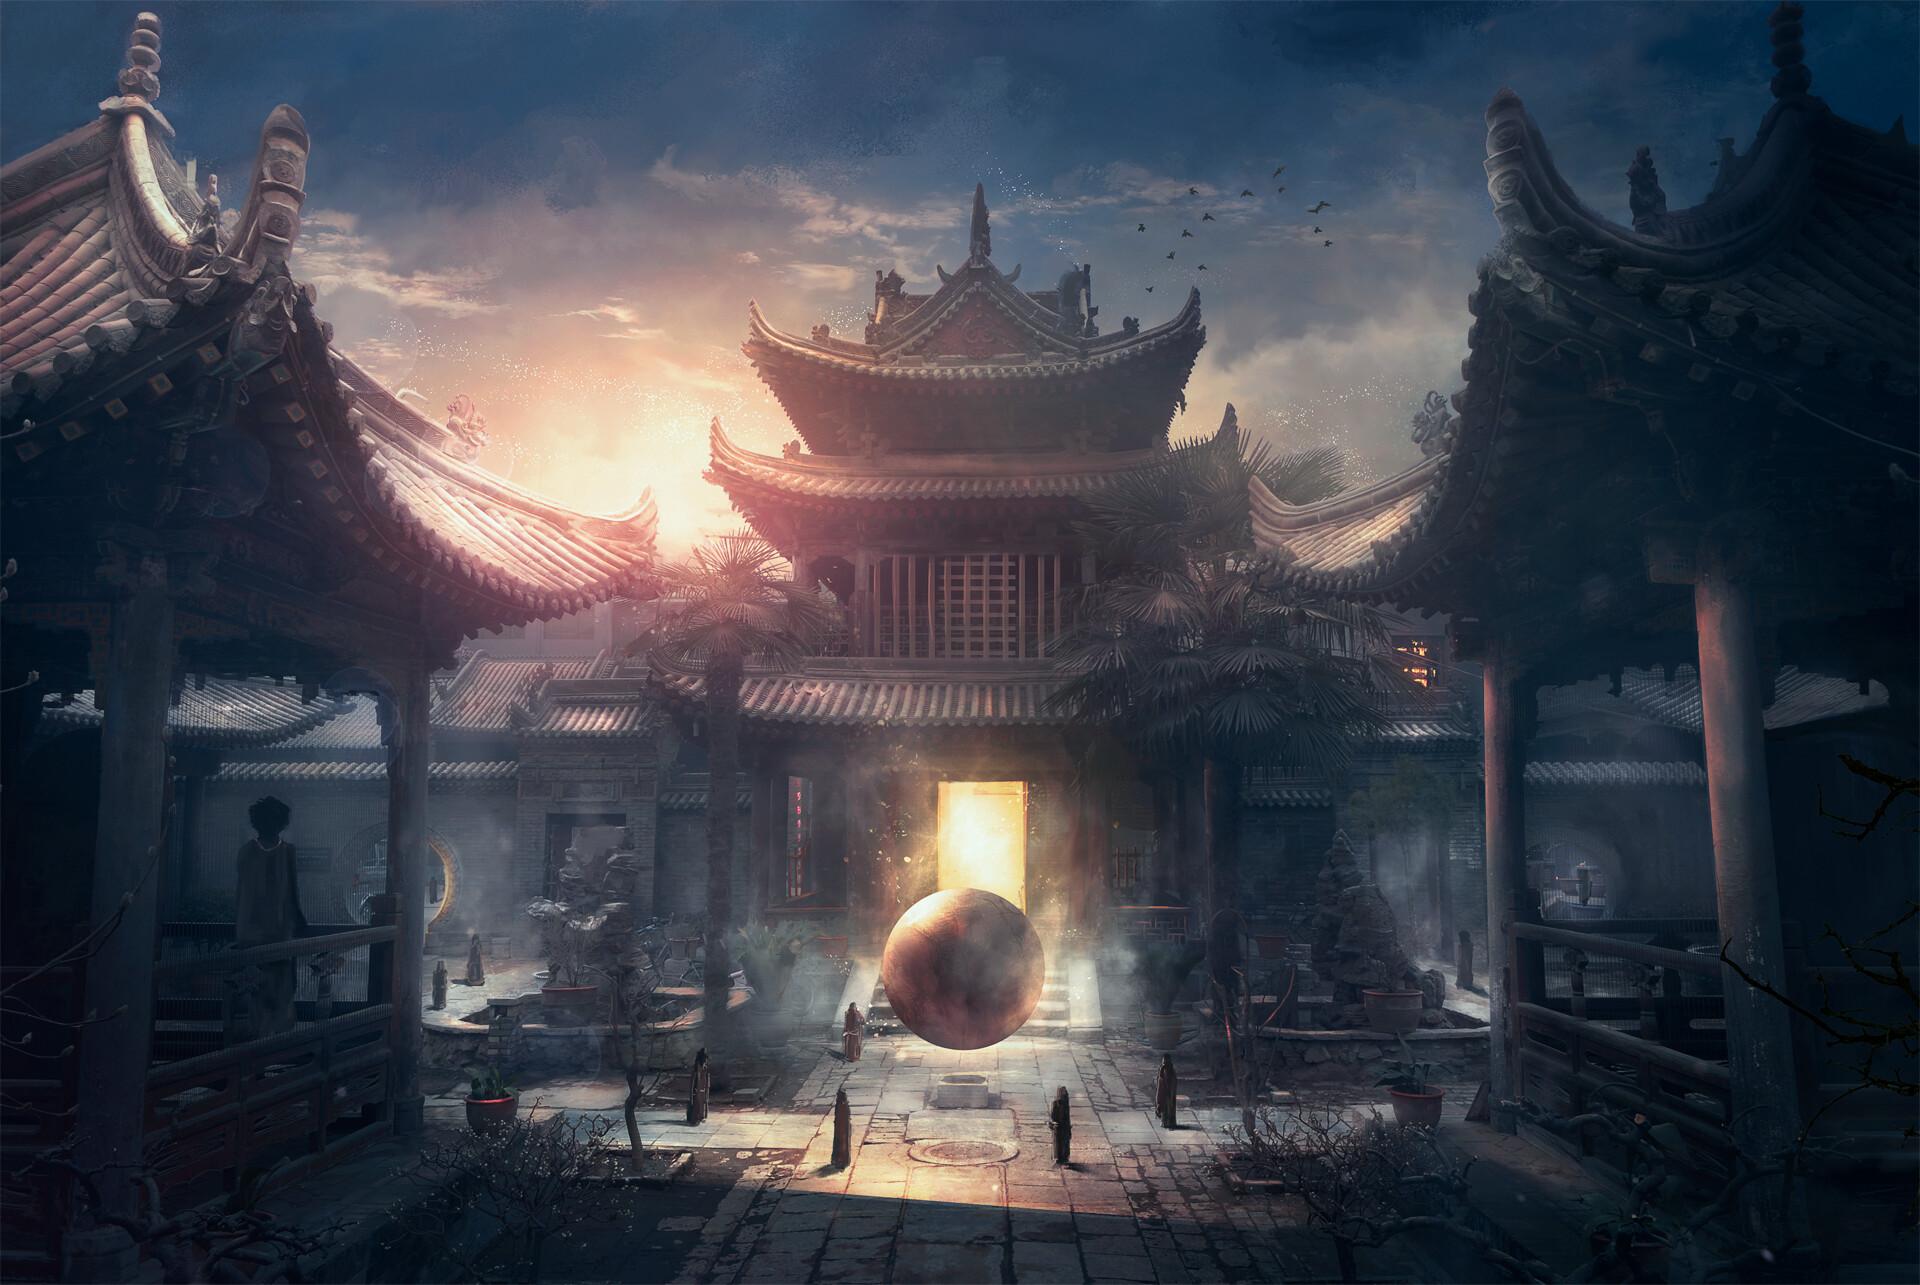 Jakub skop temple